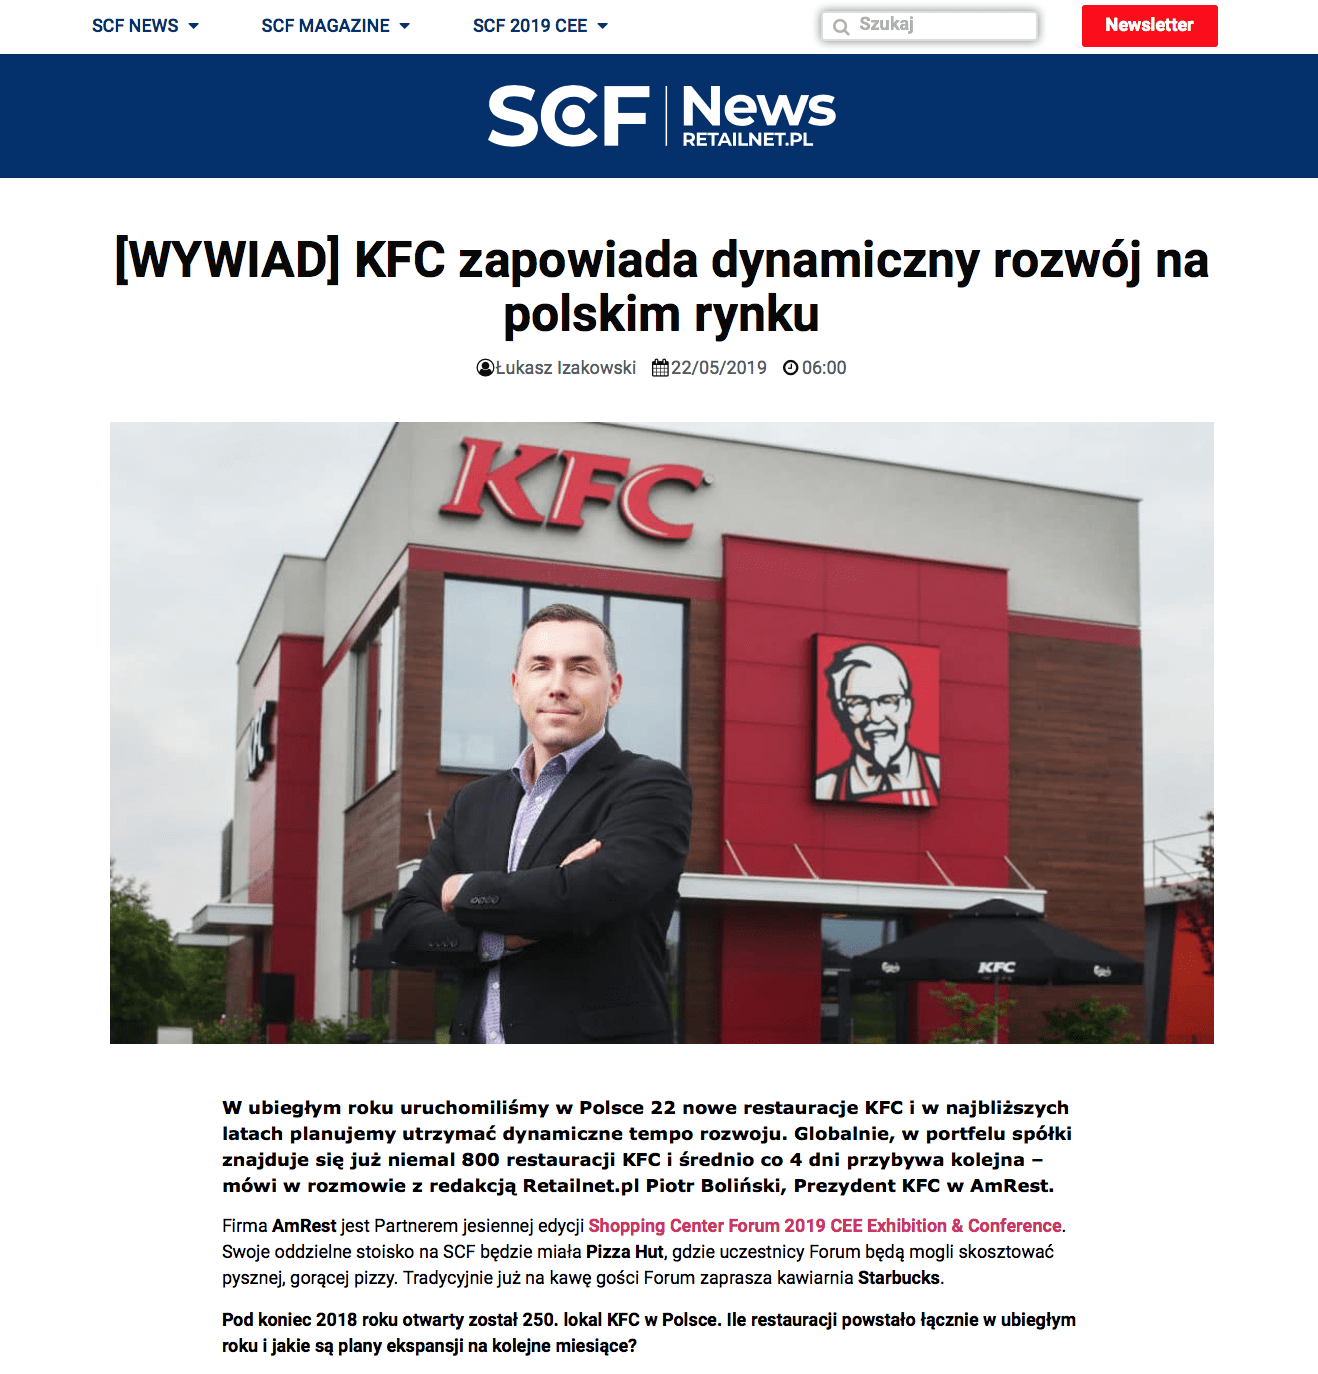 zdjęcia dla prasy - fotograf wrocław